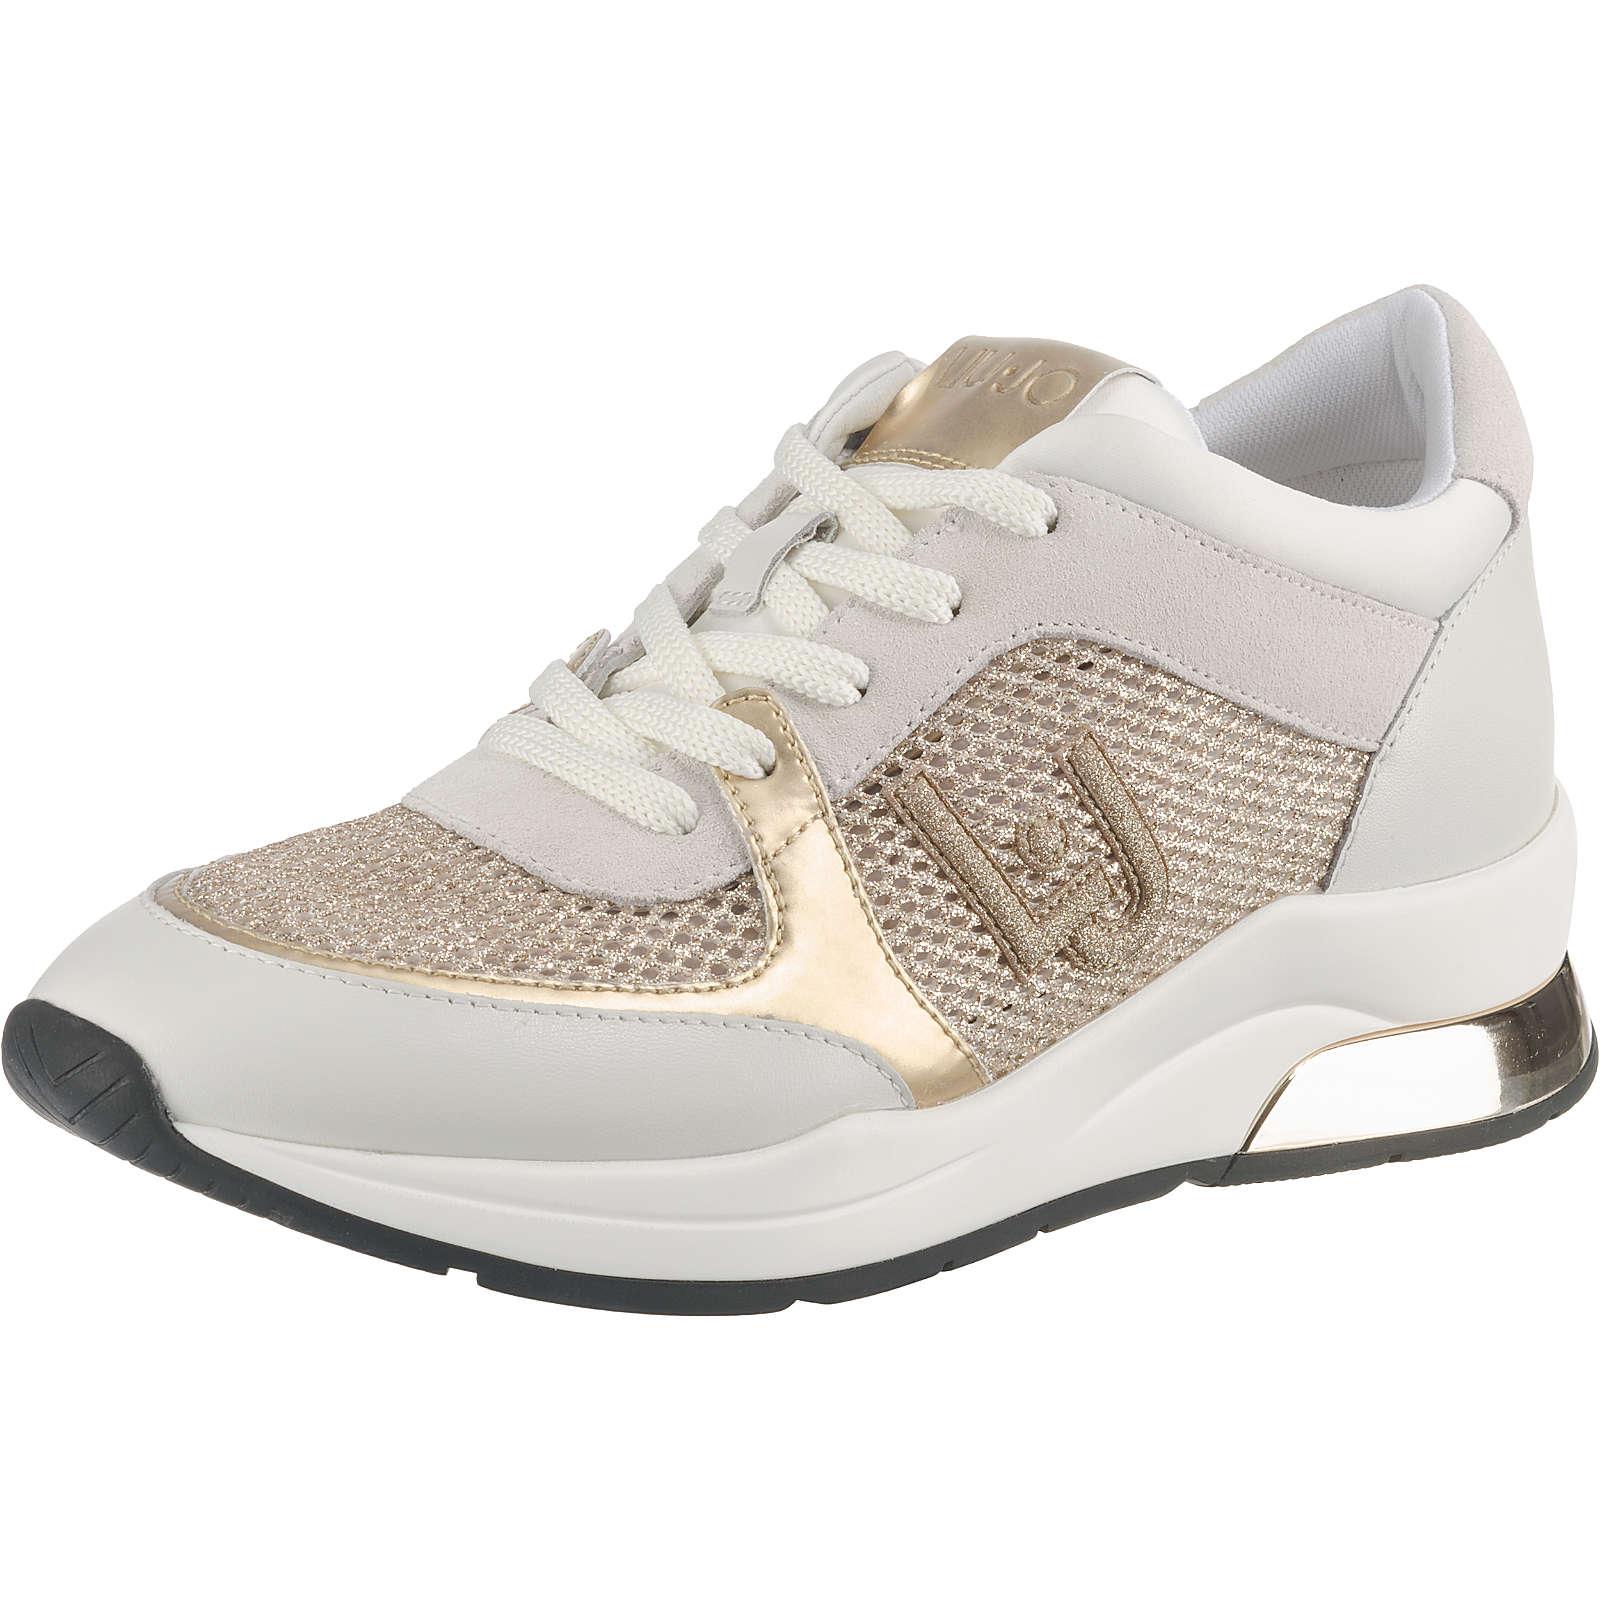 LIU JO Karlie Sneakers Low weiß Damen Gr. 36